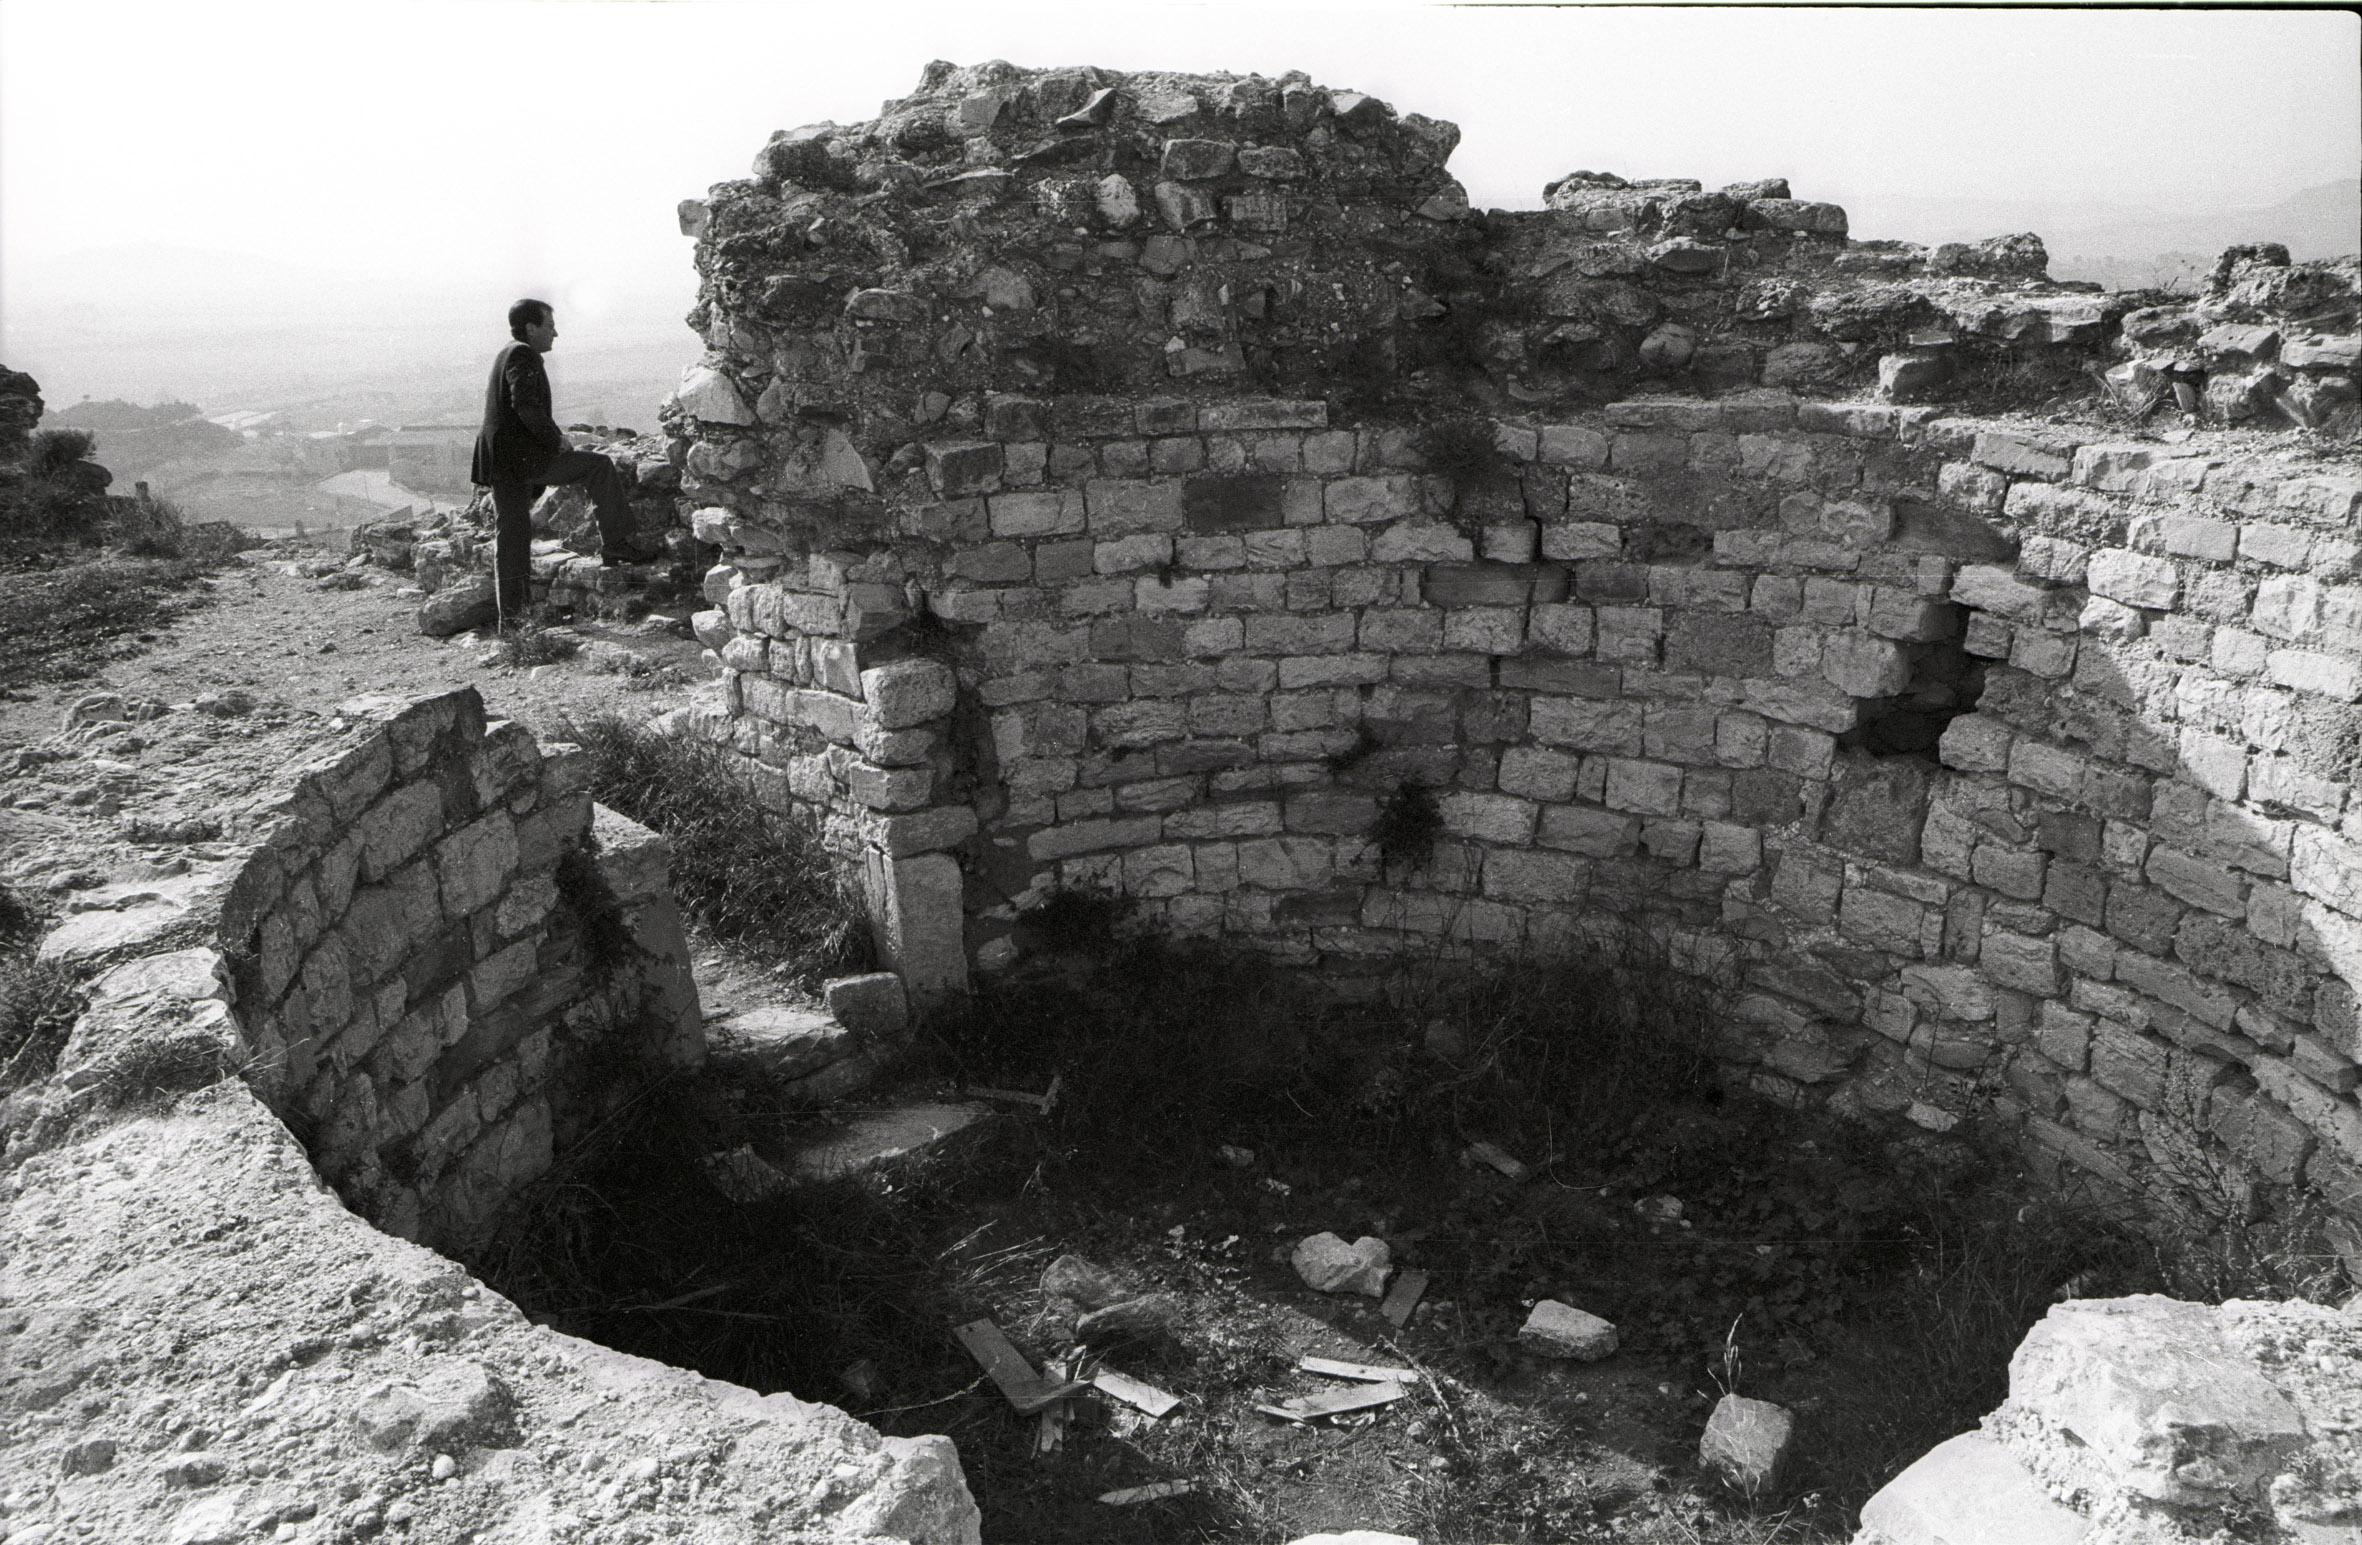 José Agustín Goytisolo al castillo de Barberà, en 1984. La intervención del poeta fue fundamental para la recuperación del monumento.